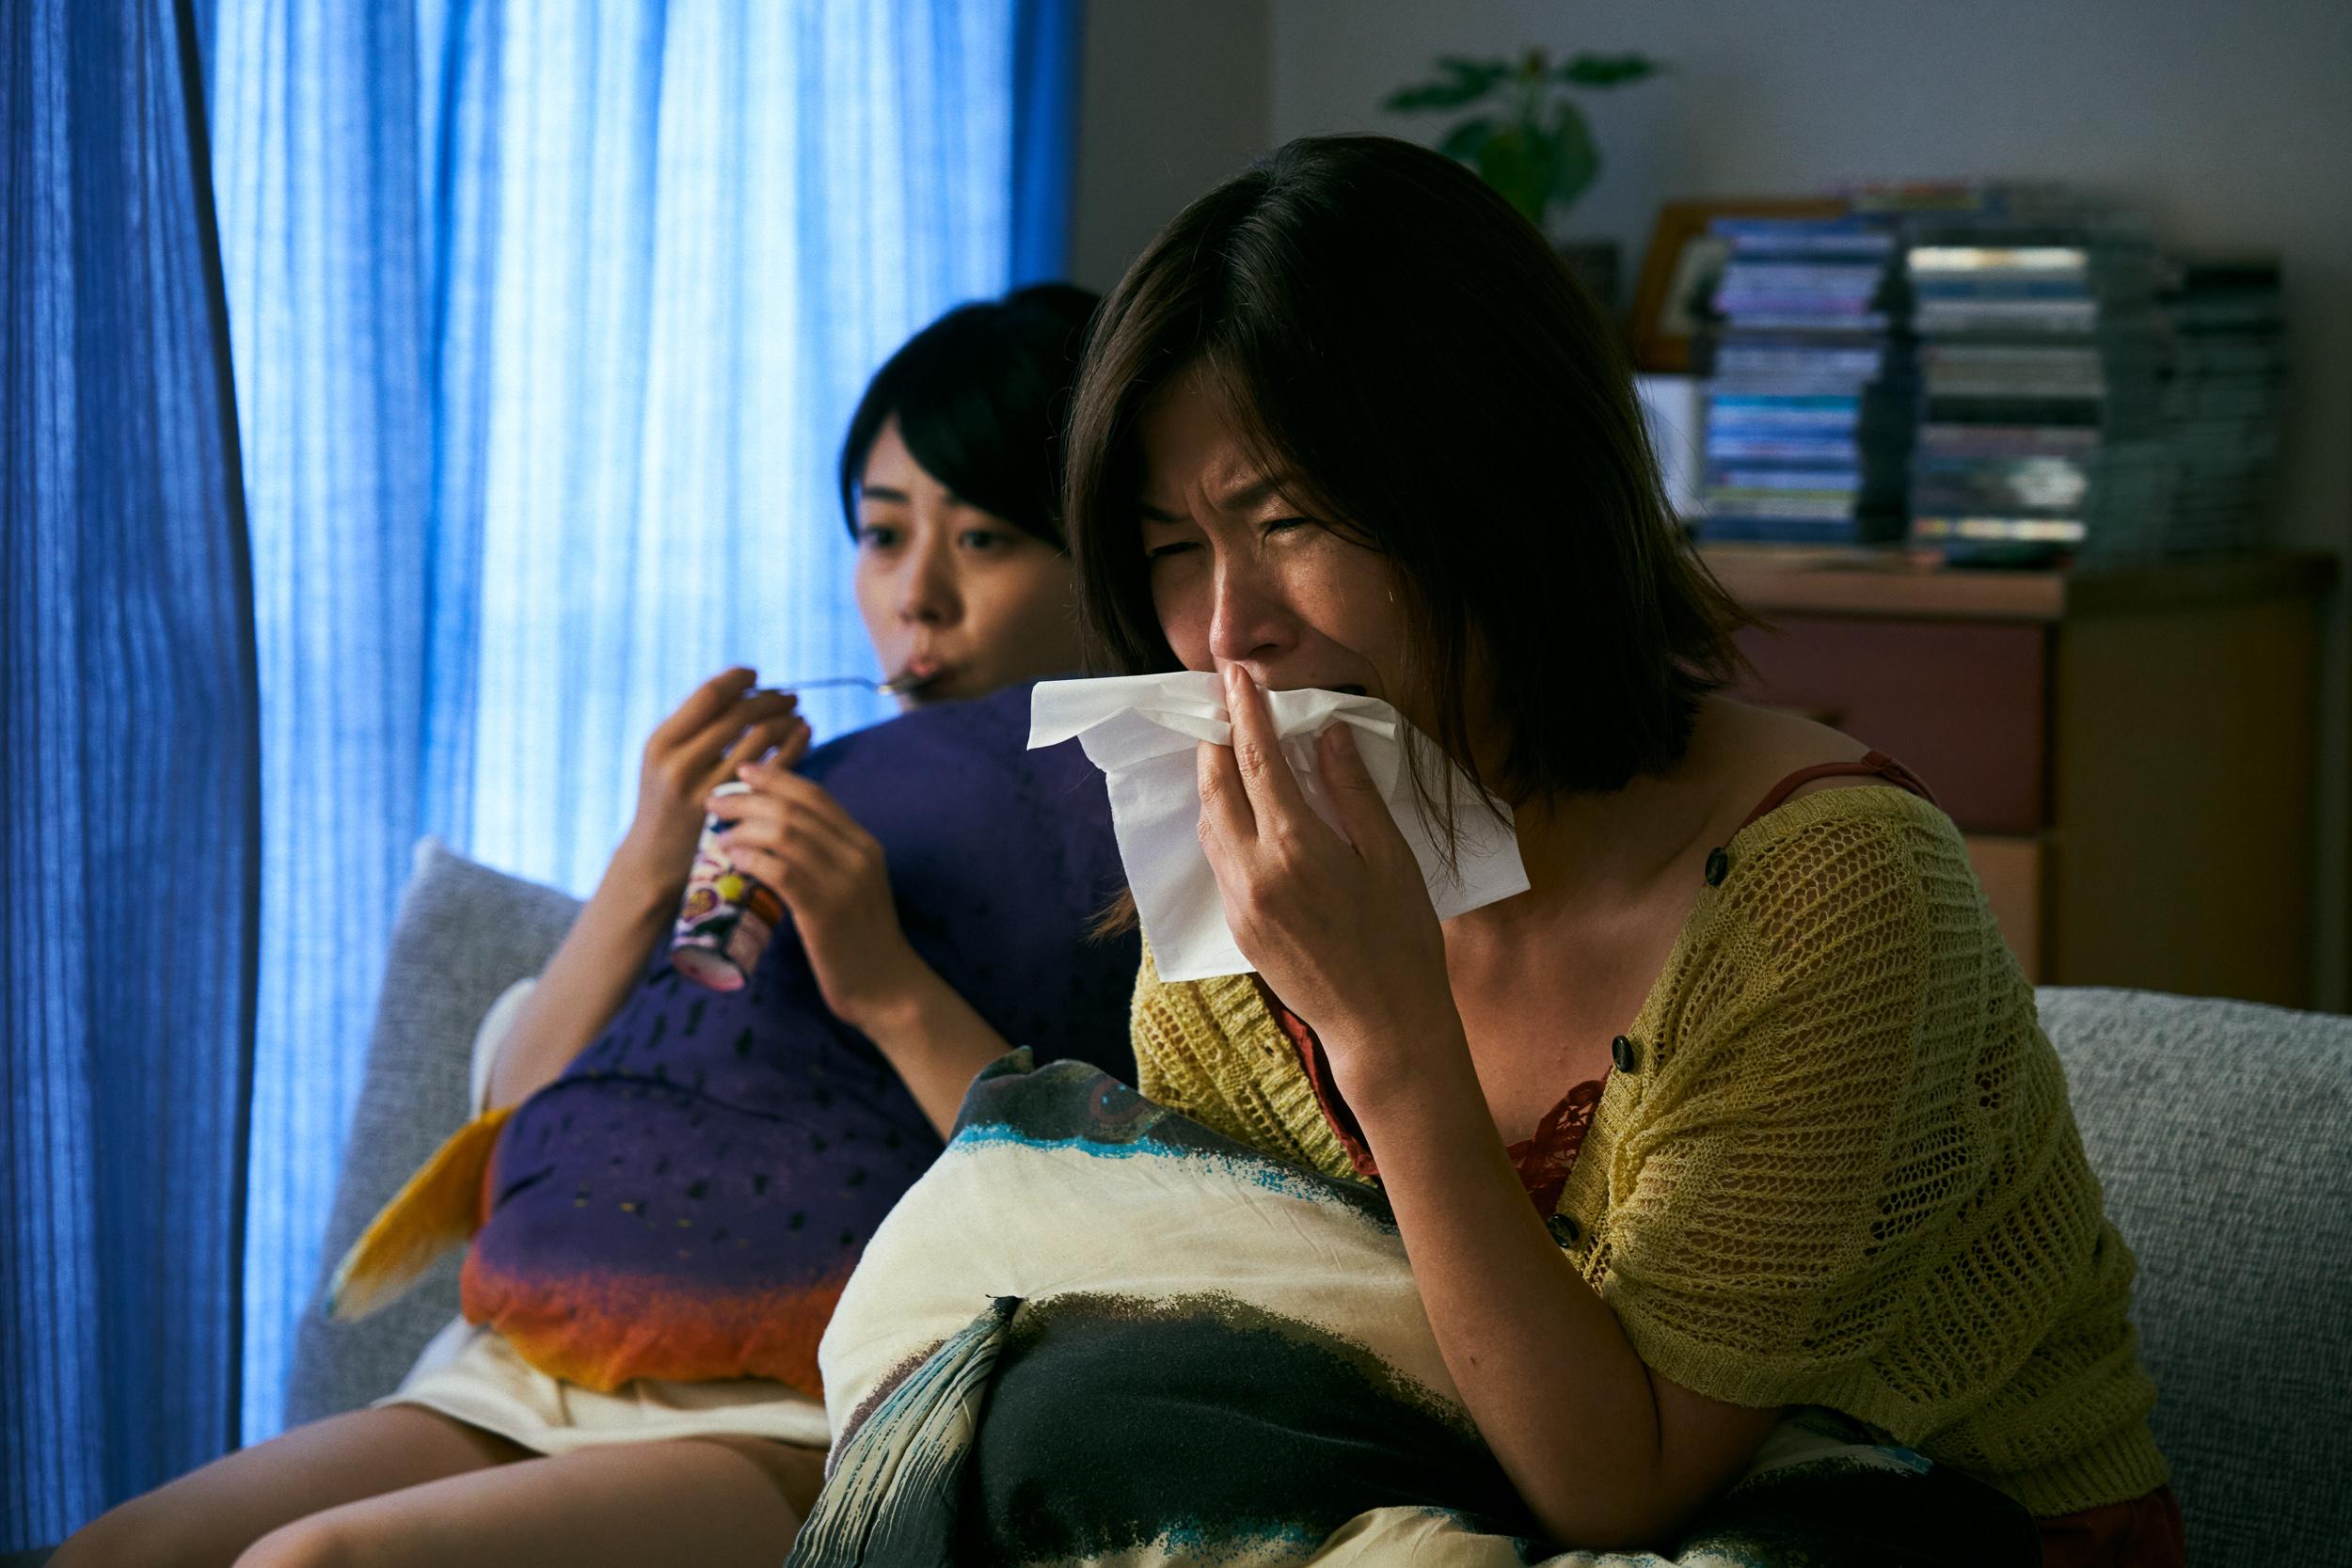 フラれるたびに映画を観て号泣。©2021映画「浜の朝日の嘘つきどもと」製作委員会